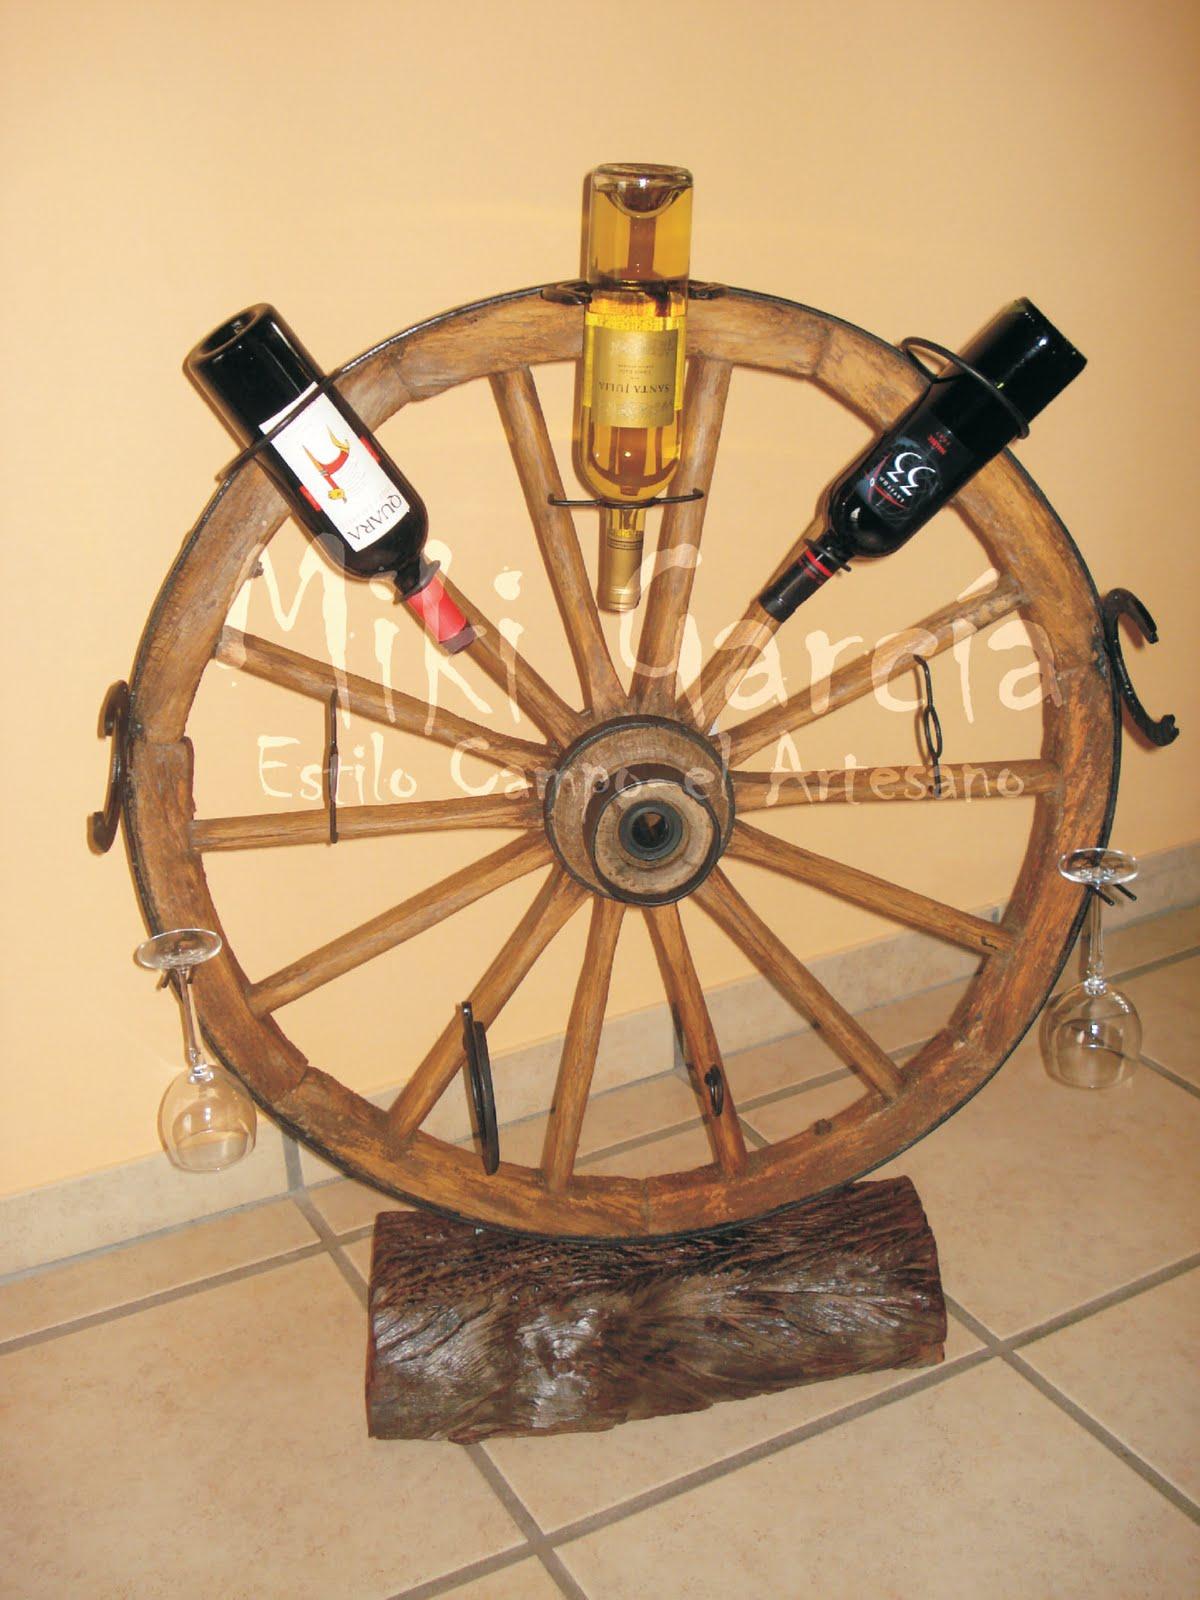 Estilo campo el artesano vinotecas - Vinotecas de madera ...